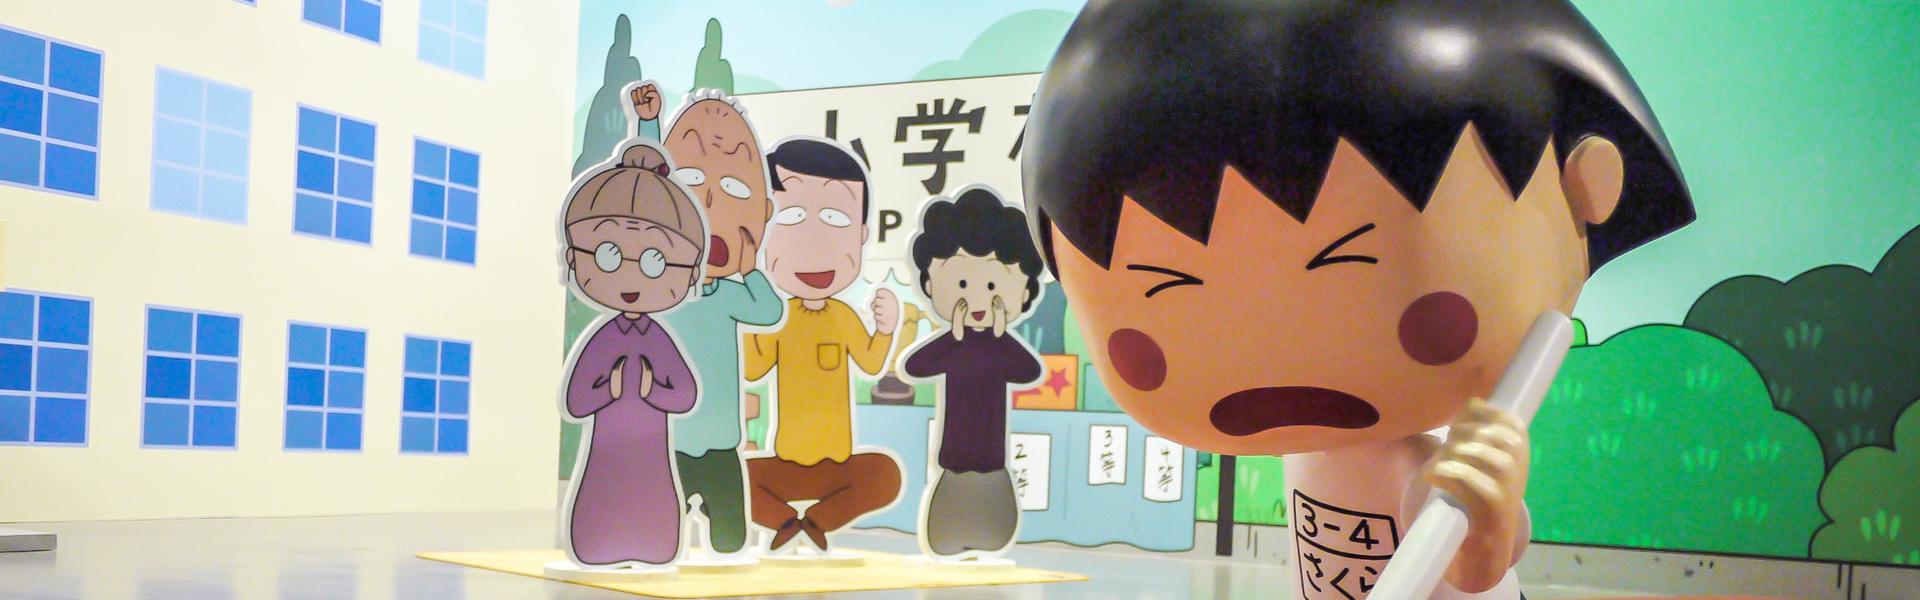 【藝文展覽】台北 櫻桃小丸子學園祭25周年特展 華山文創園區暑假強檔特展